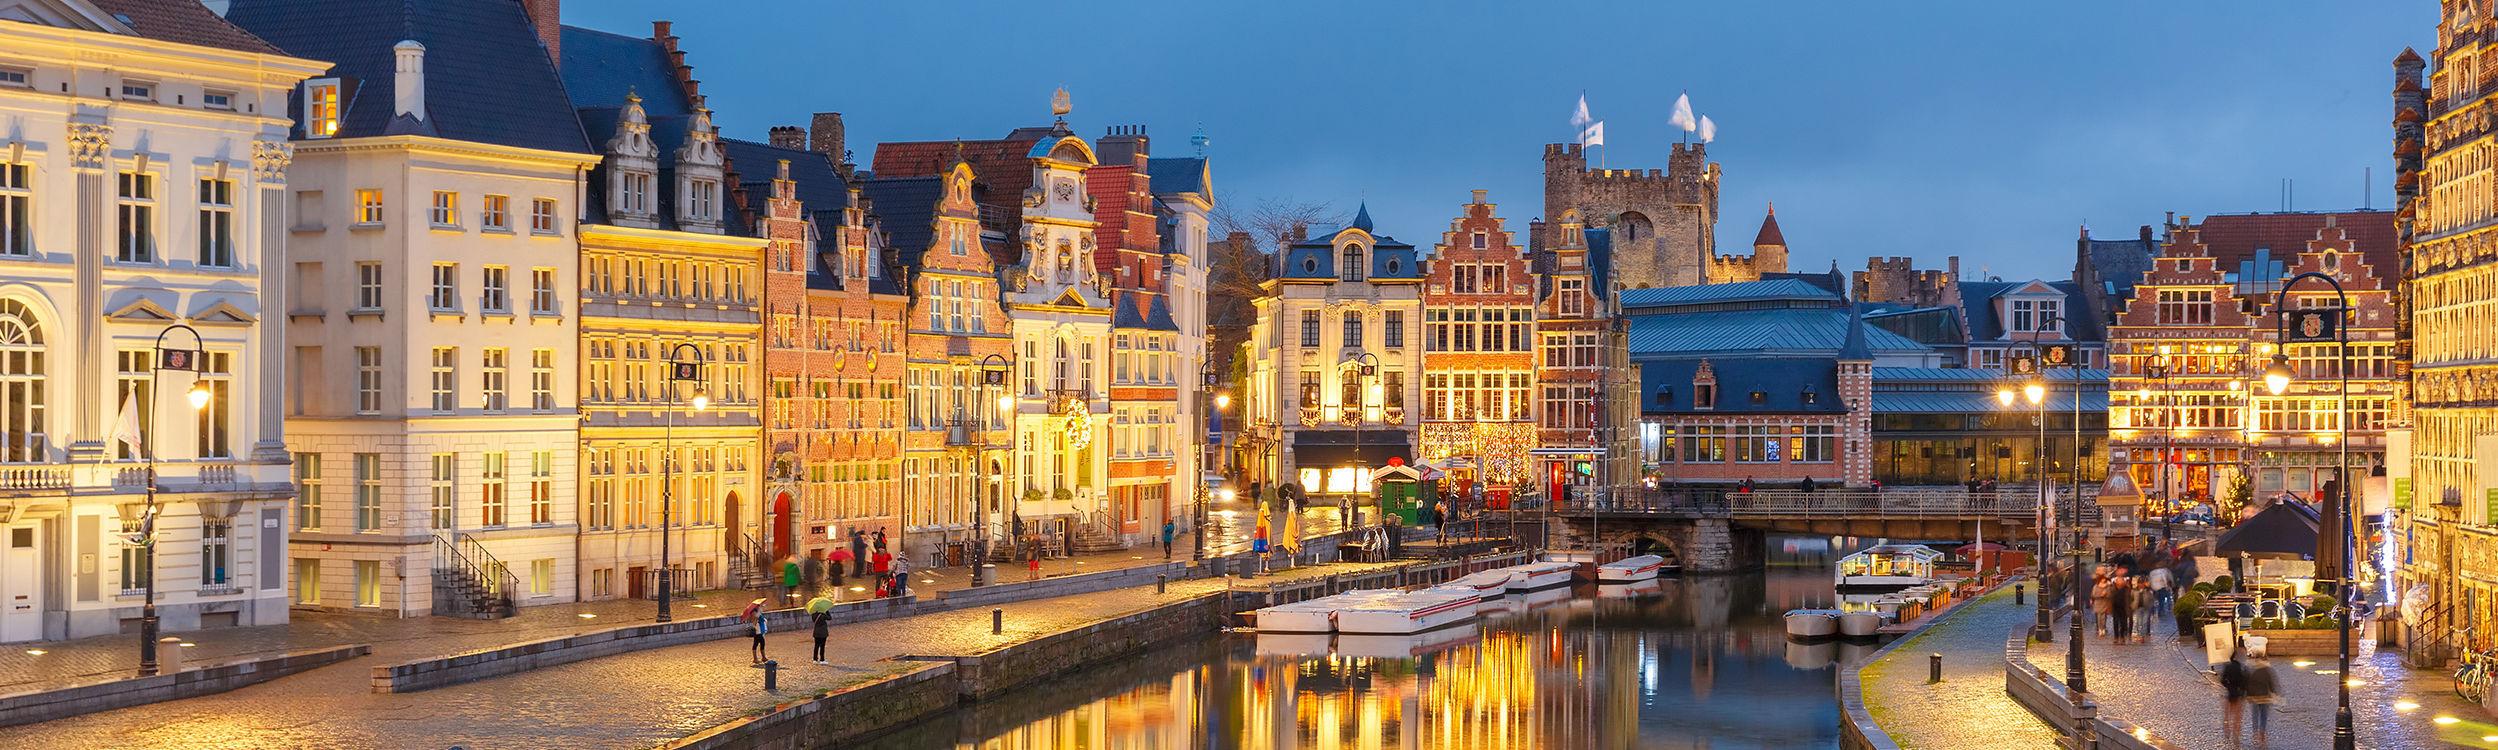 belgique - Photos